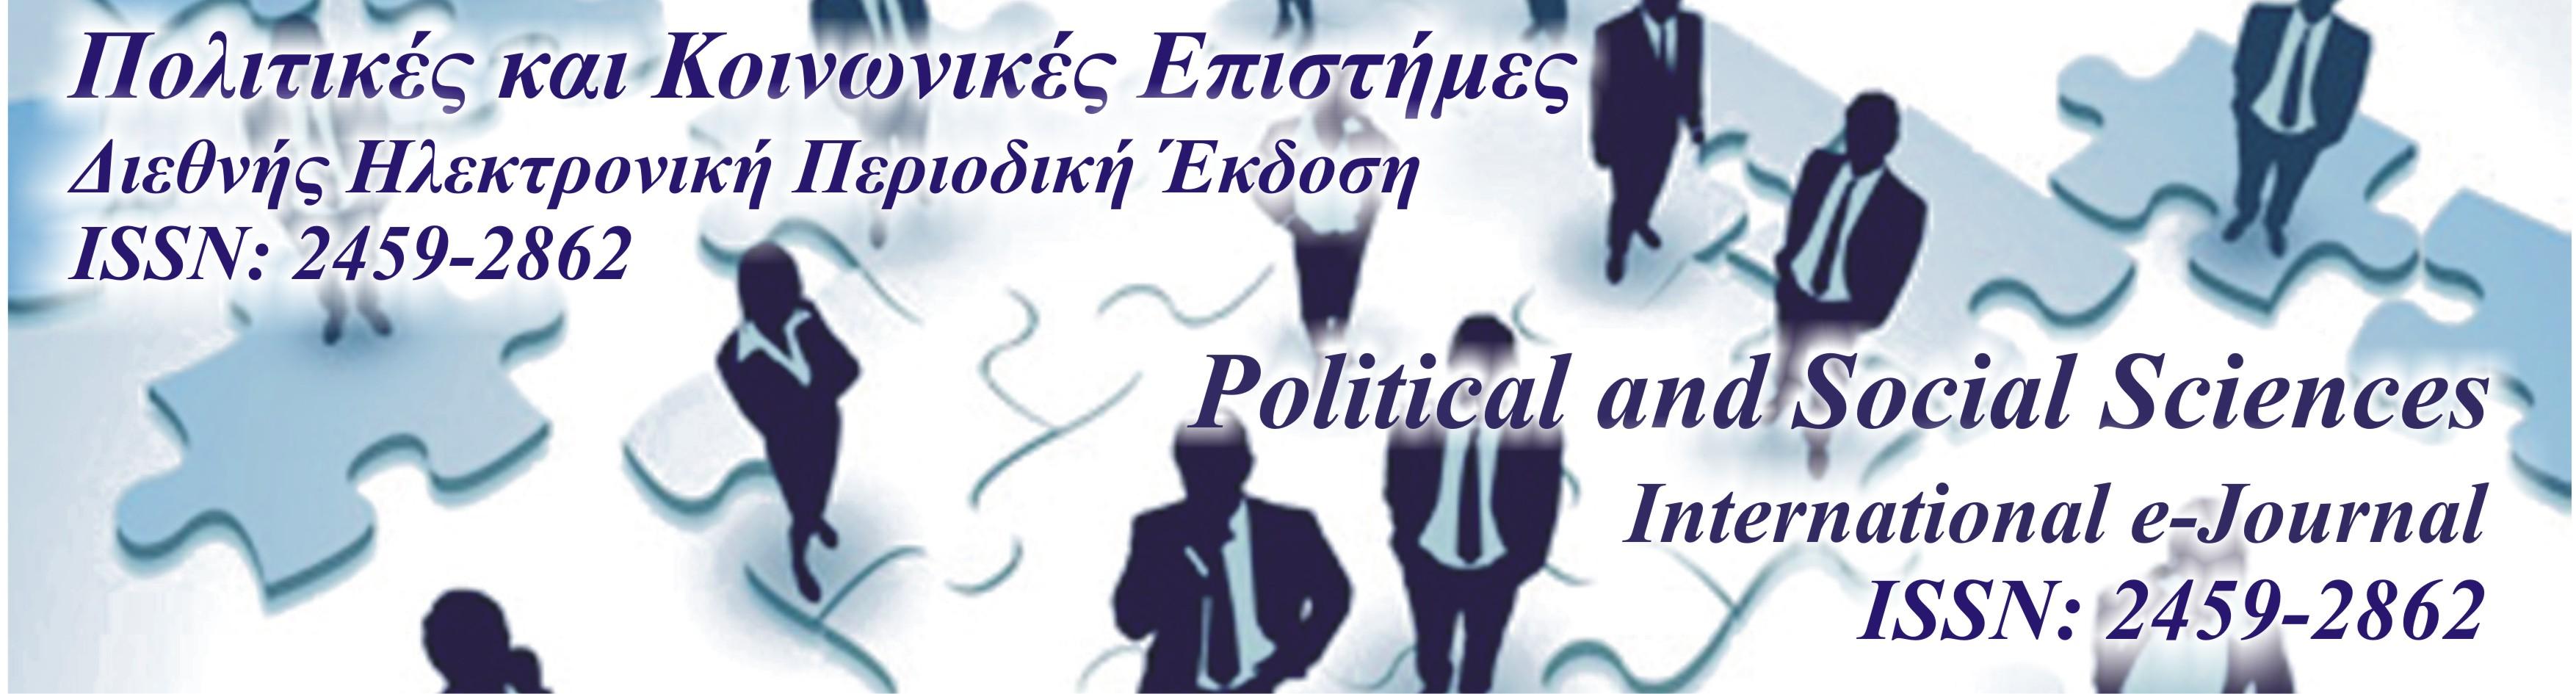 Πολιτικές και Κοινωνικές Επιστήμες